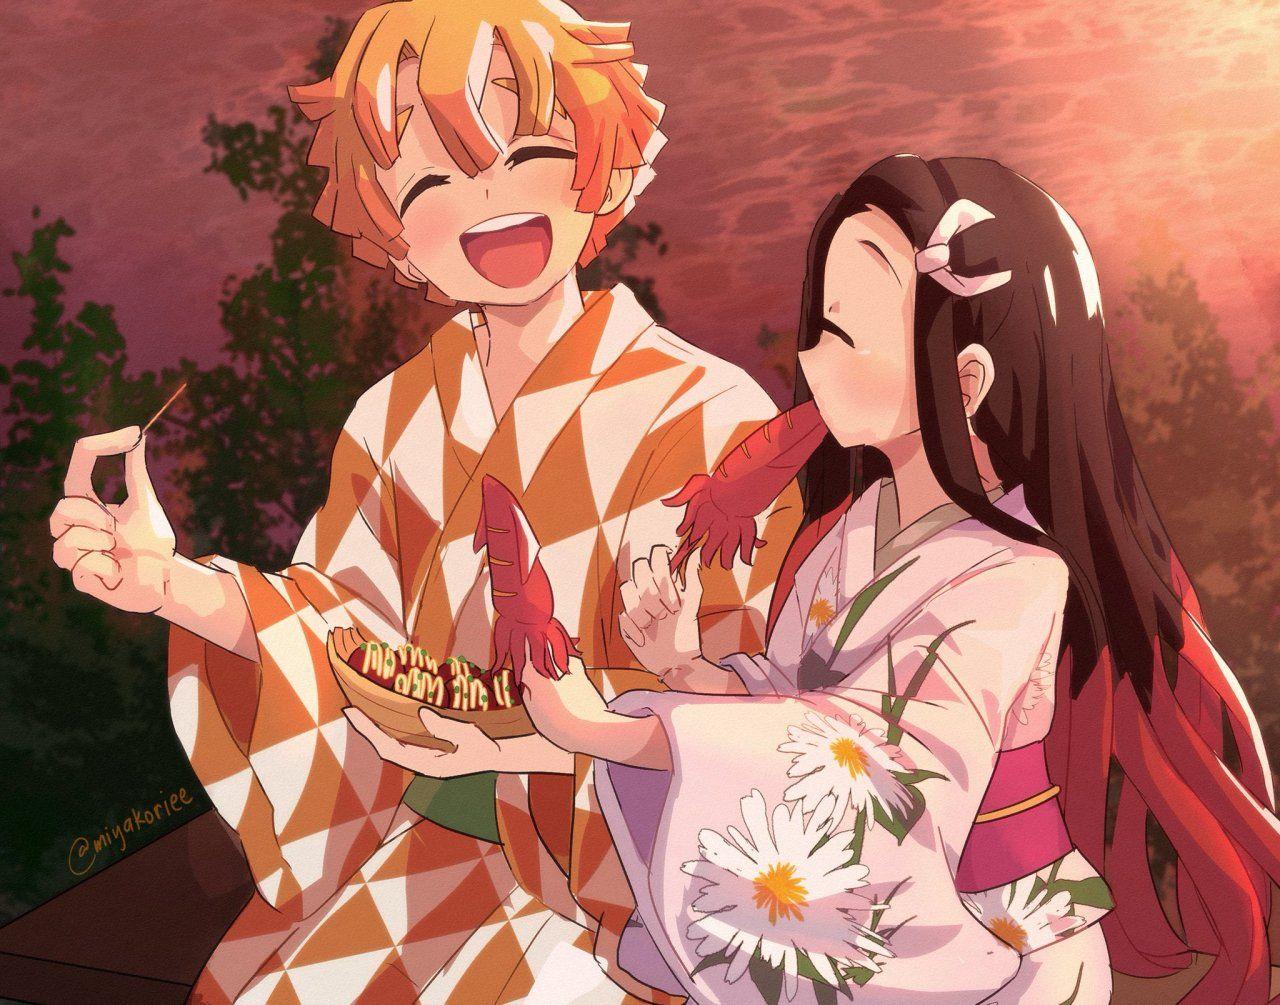 ZENNEZU IS CANON in 2020 Anime, Fan art, Zelda characters